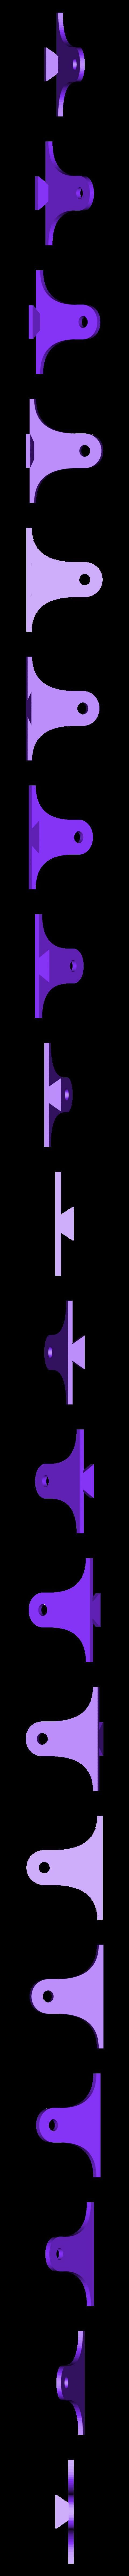 Clockwise Mechanism Base Side.stl Download STL file Clockwise Mechanism • 3D printer model, Chrisibub